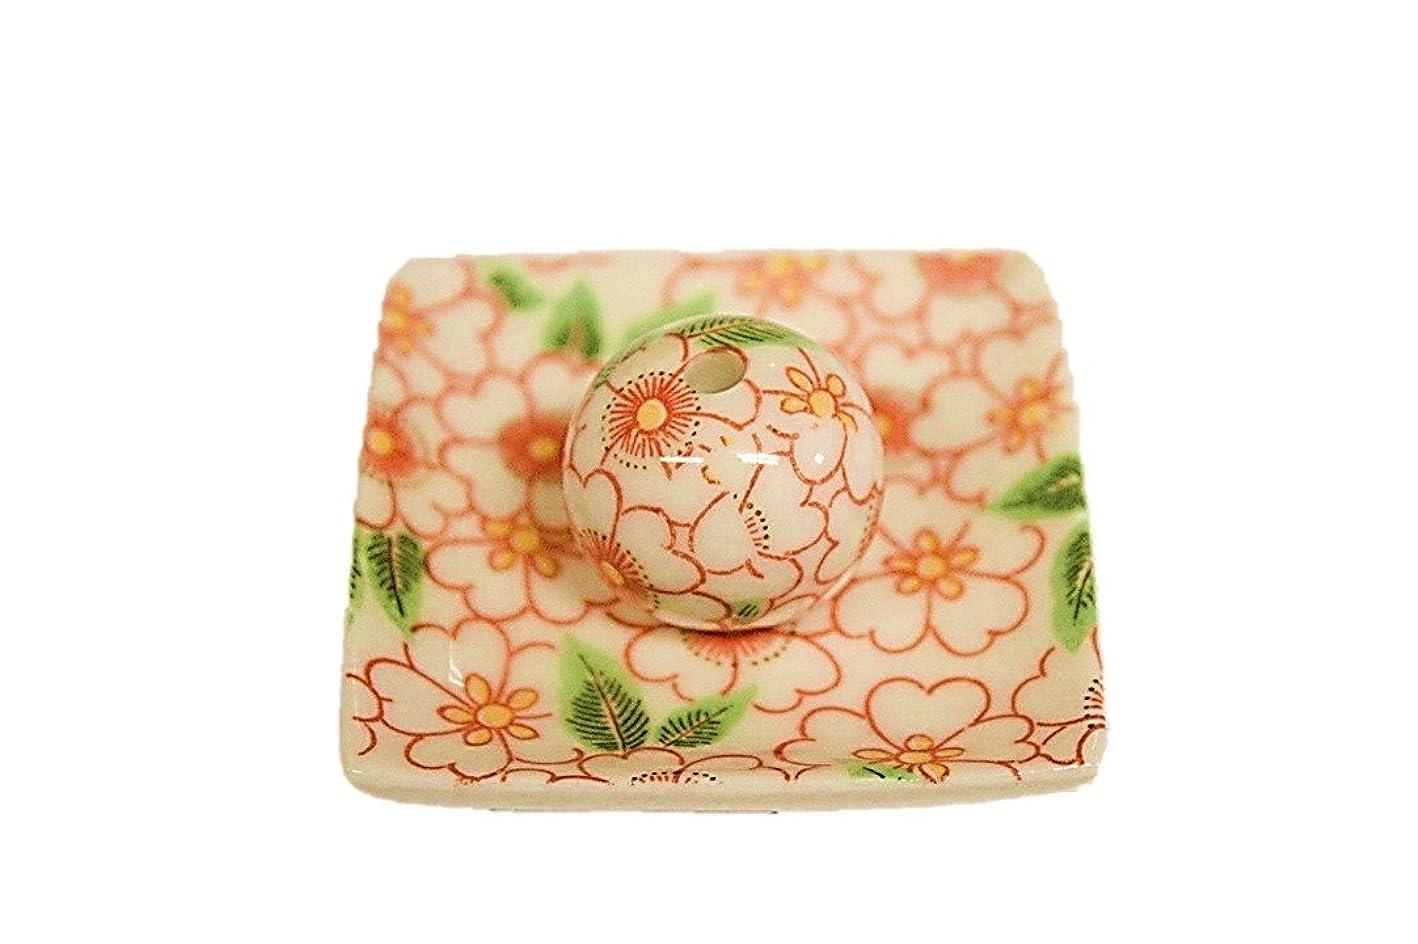 光哺乳類洗剤朱華柳 小角皿 日本製 製造 直売 美濃焼 お香立て 印判手 お香たて 陶器